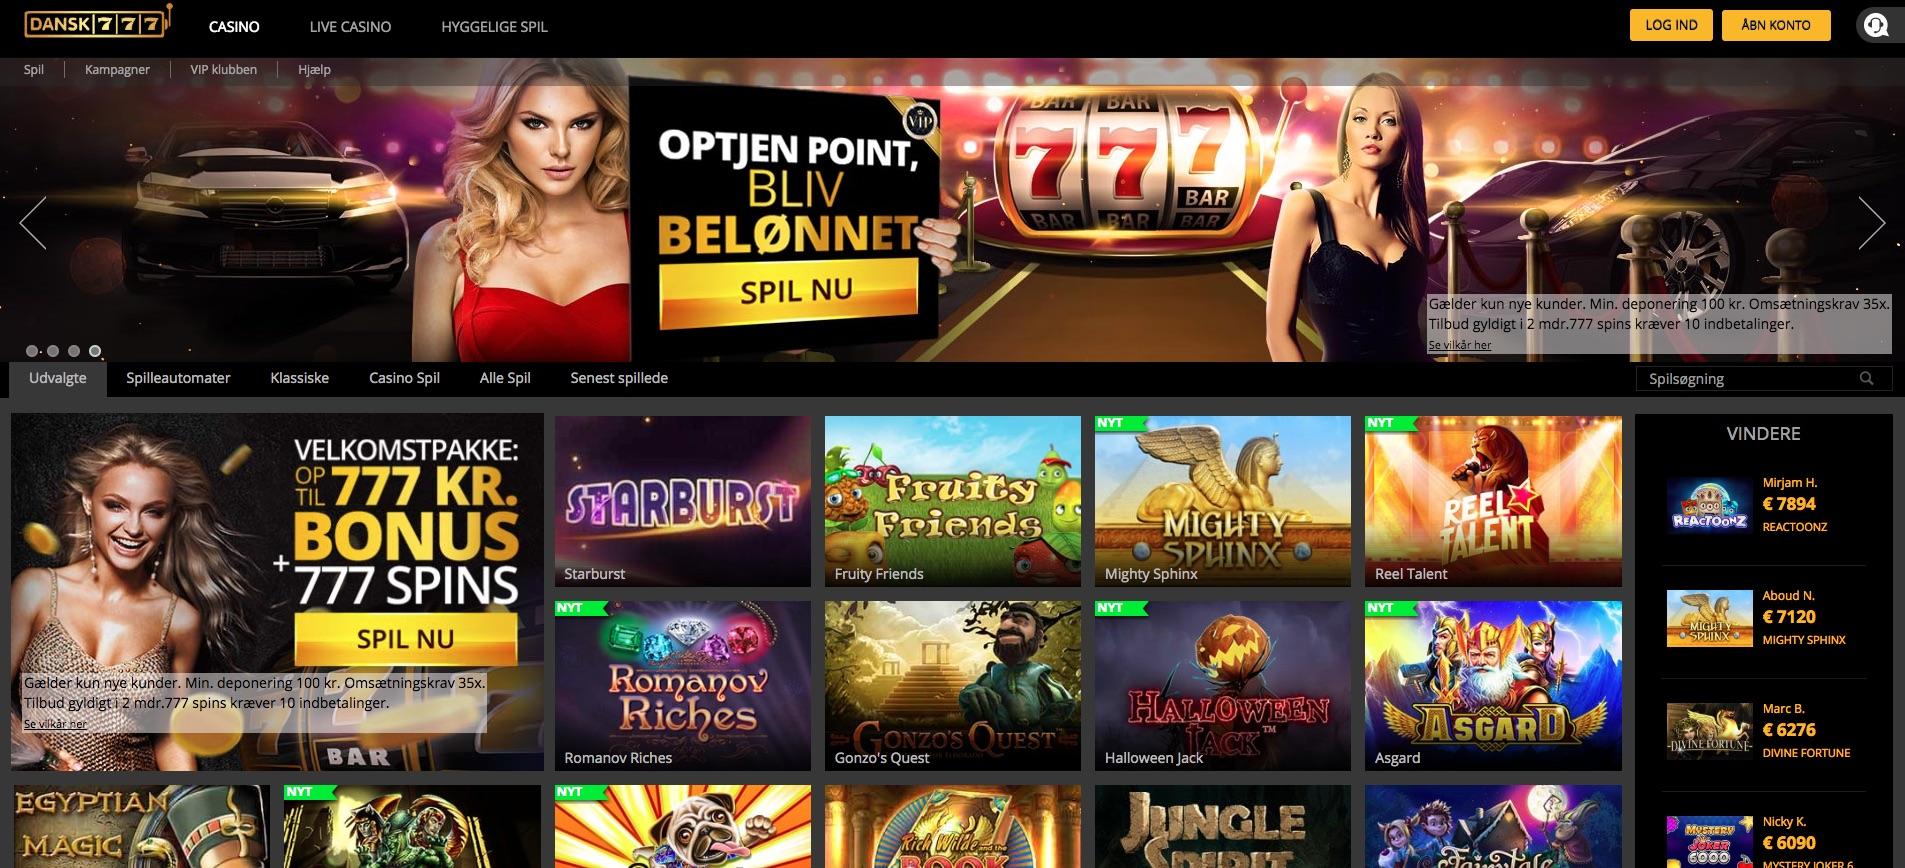 Dansk casinoer live-263310